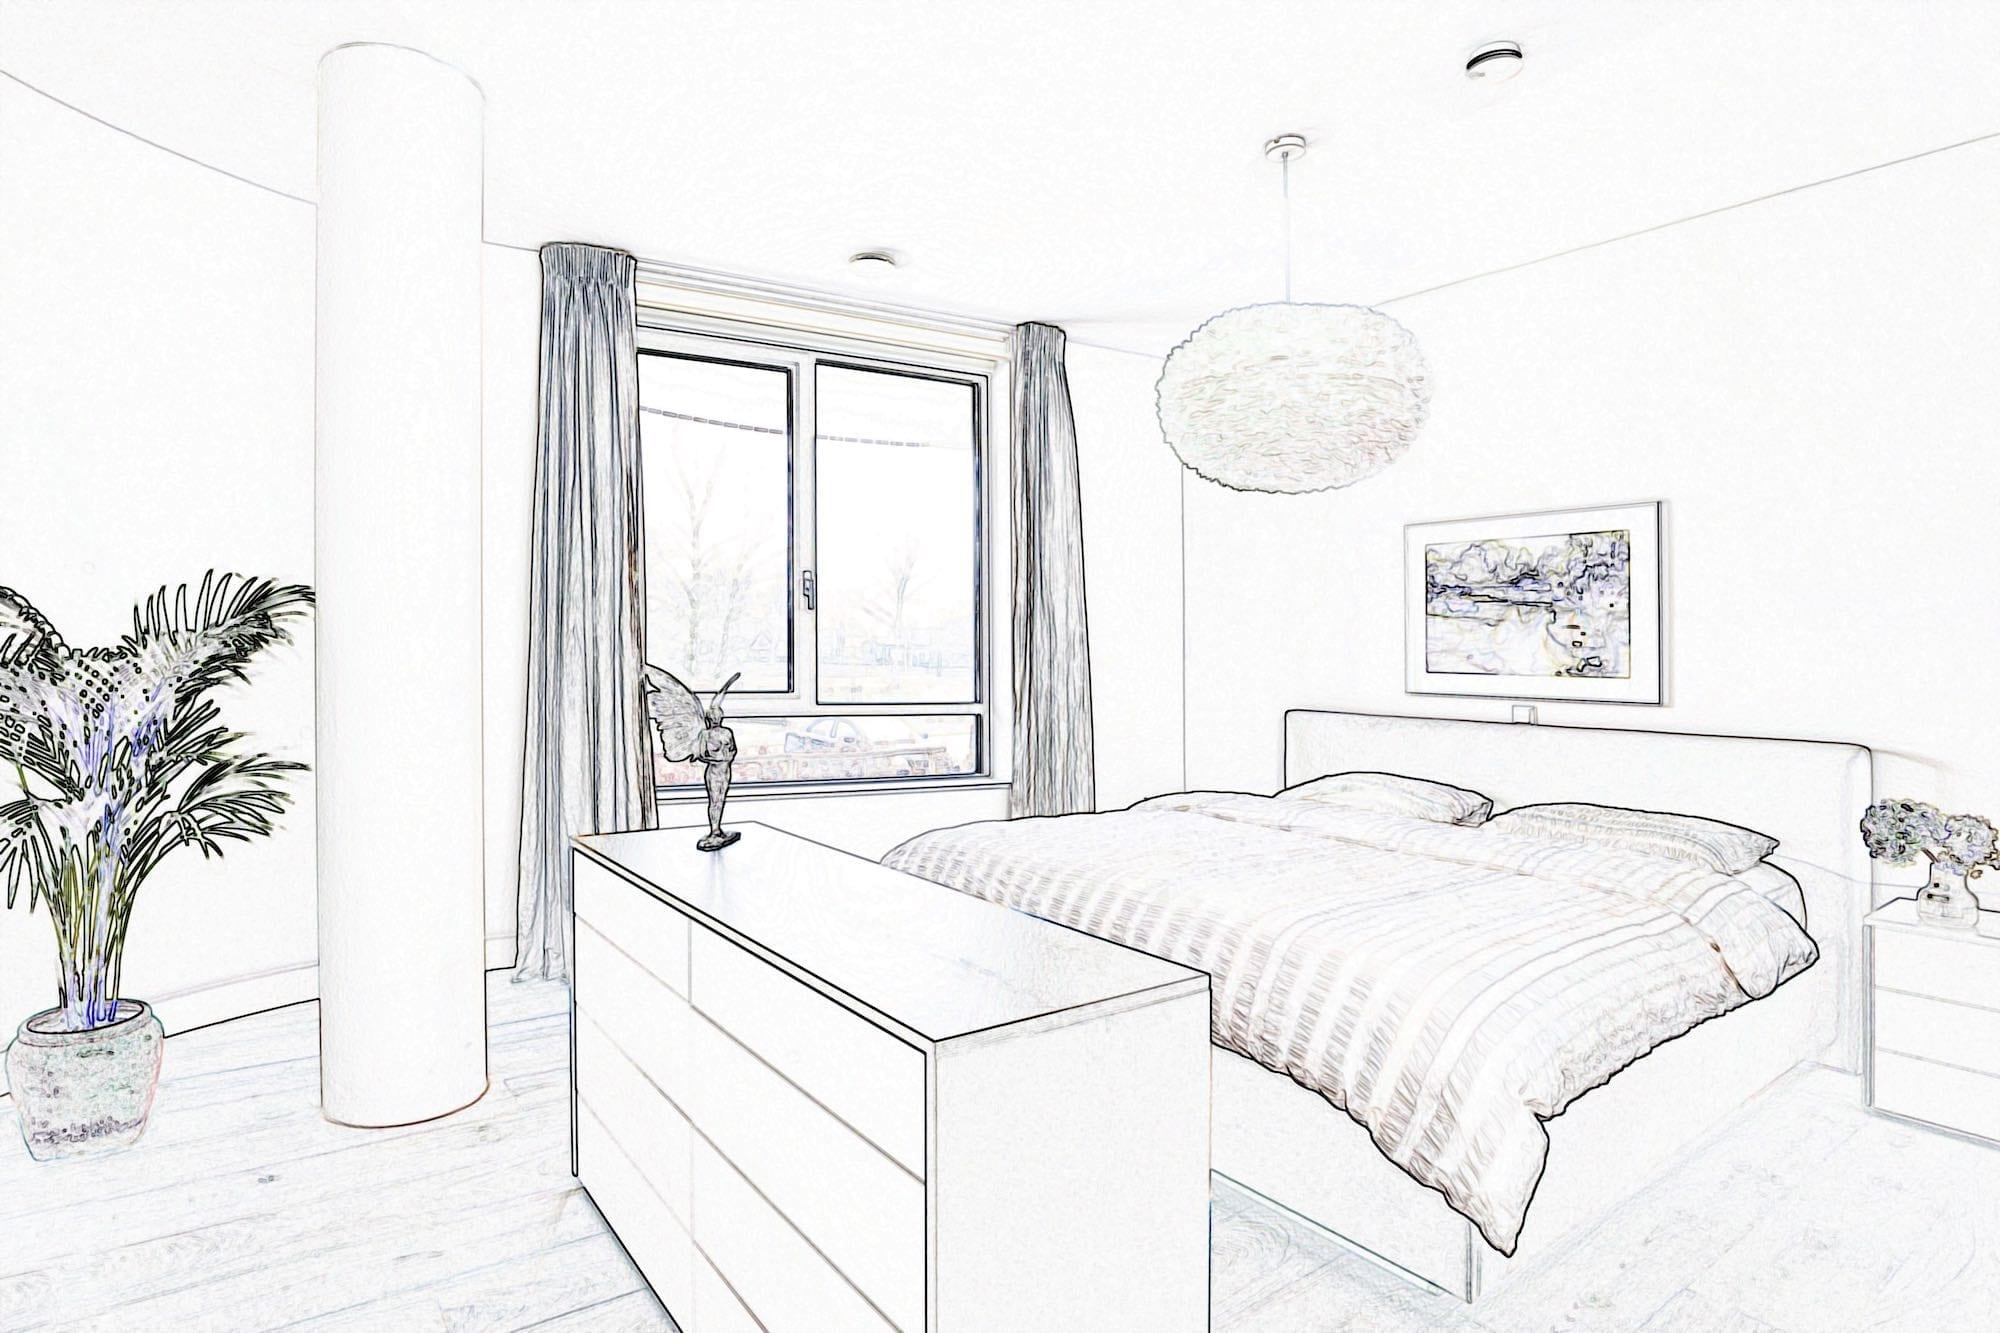 moderne slaapkamer 3D tekening